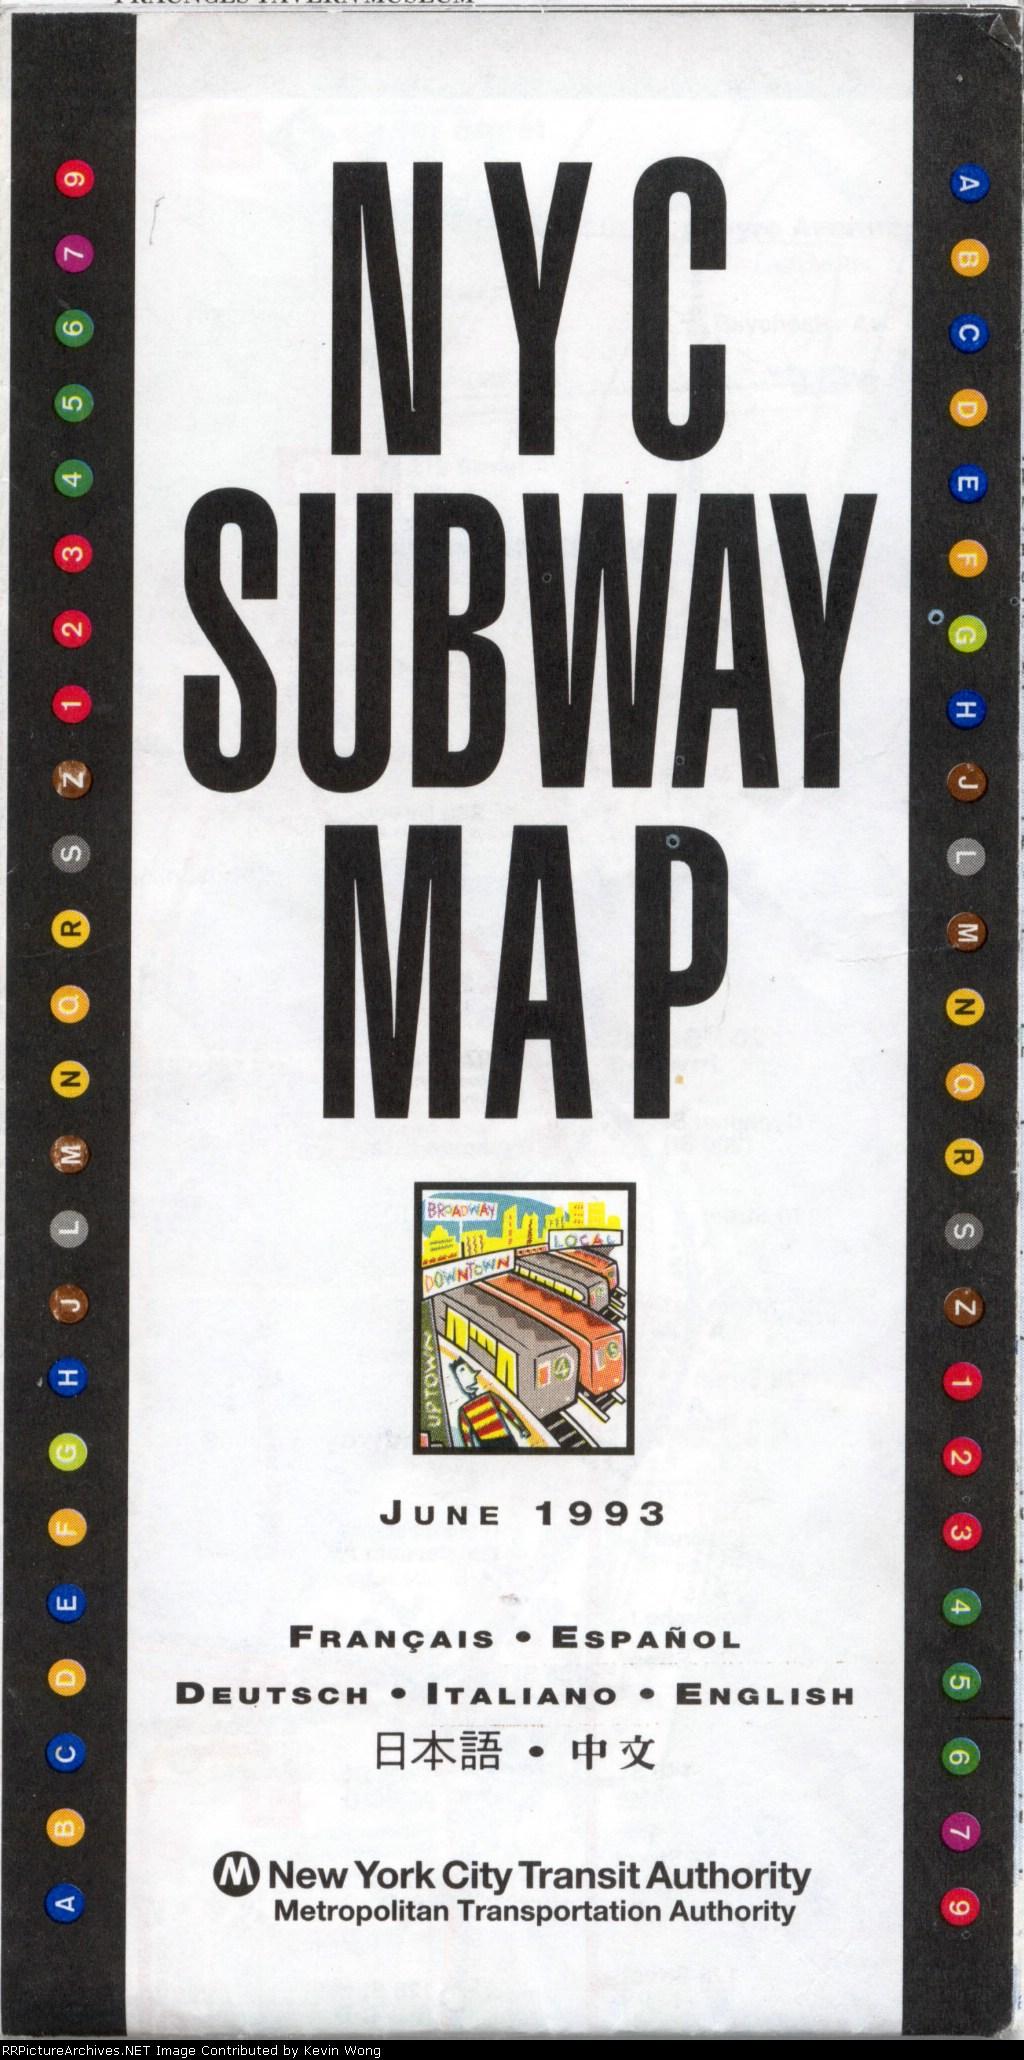 June 1993 NYC Subway Map